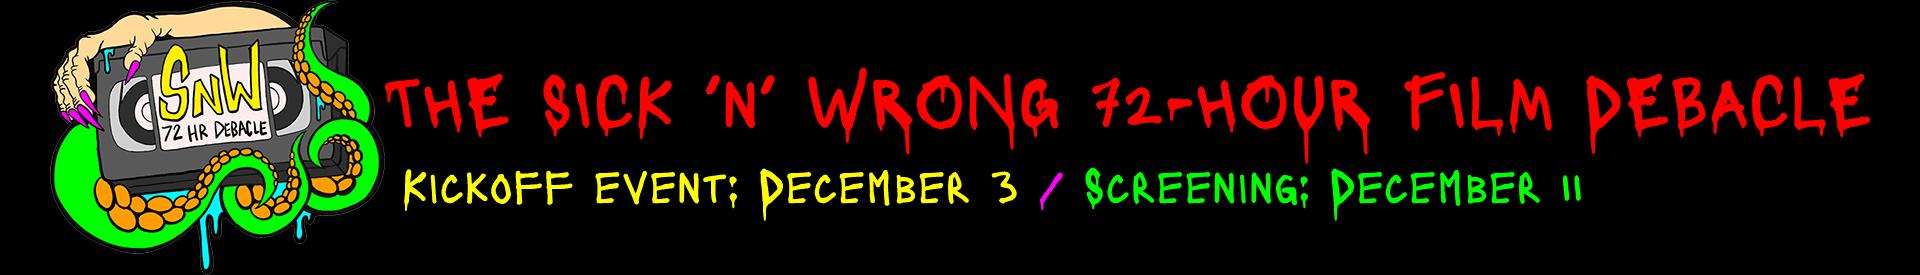 The Sick 'n' Wrong 72-Hour Film Debacle